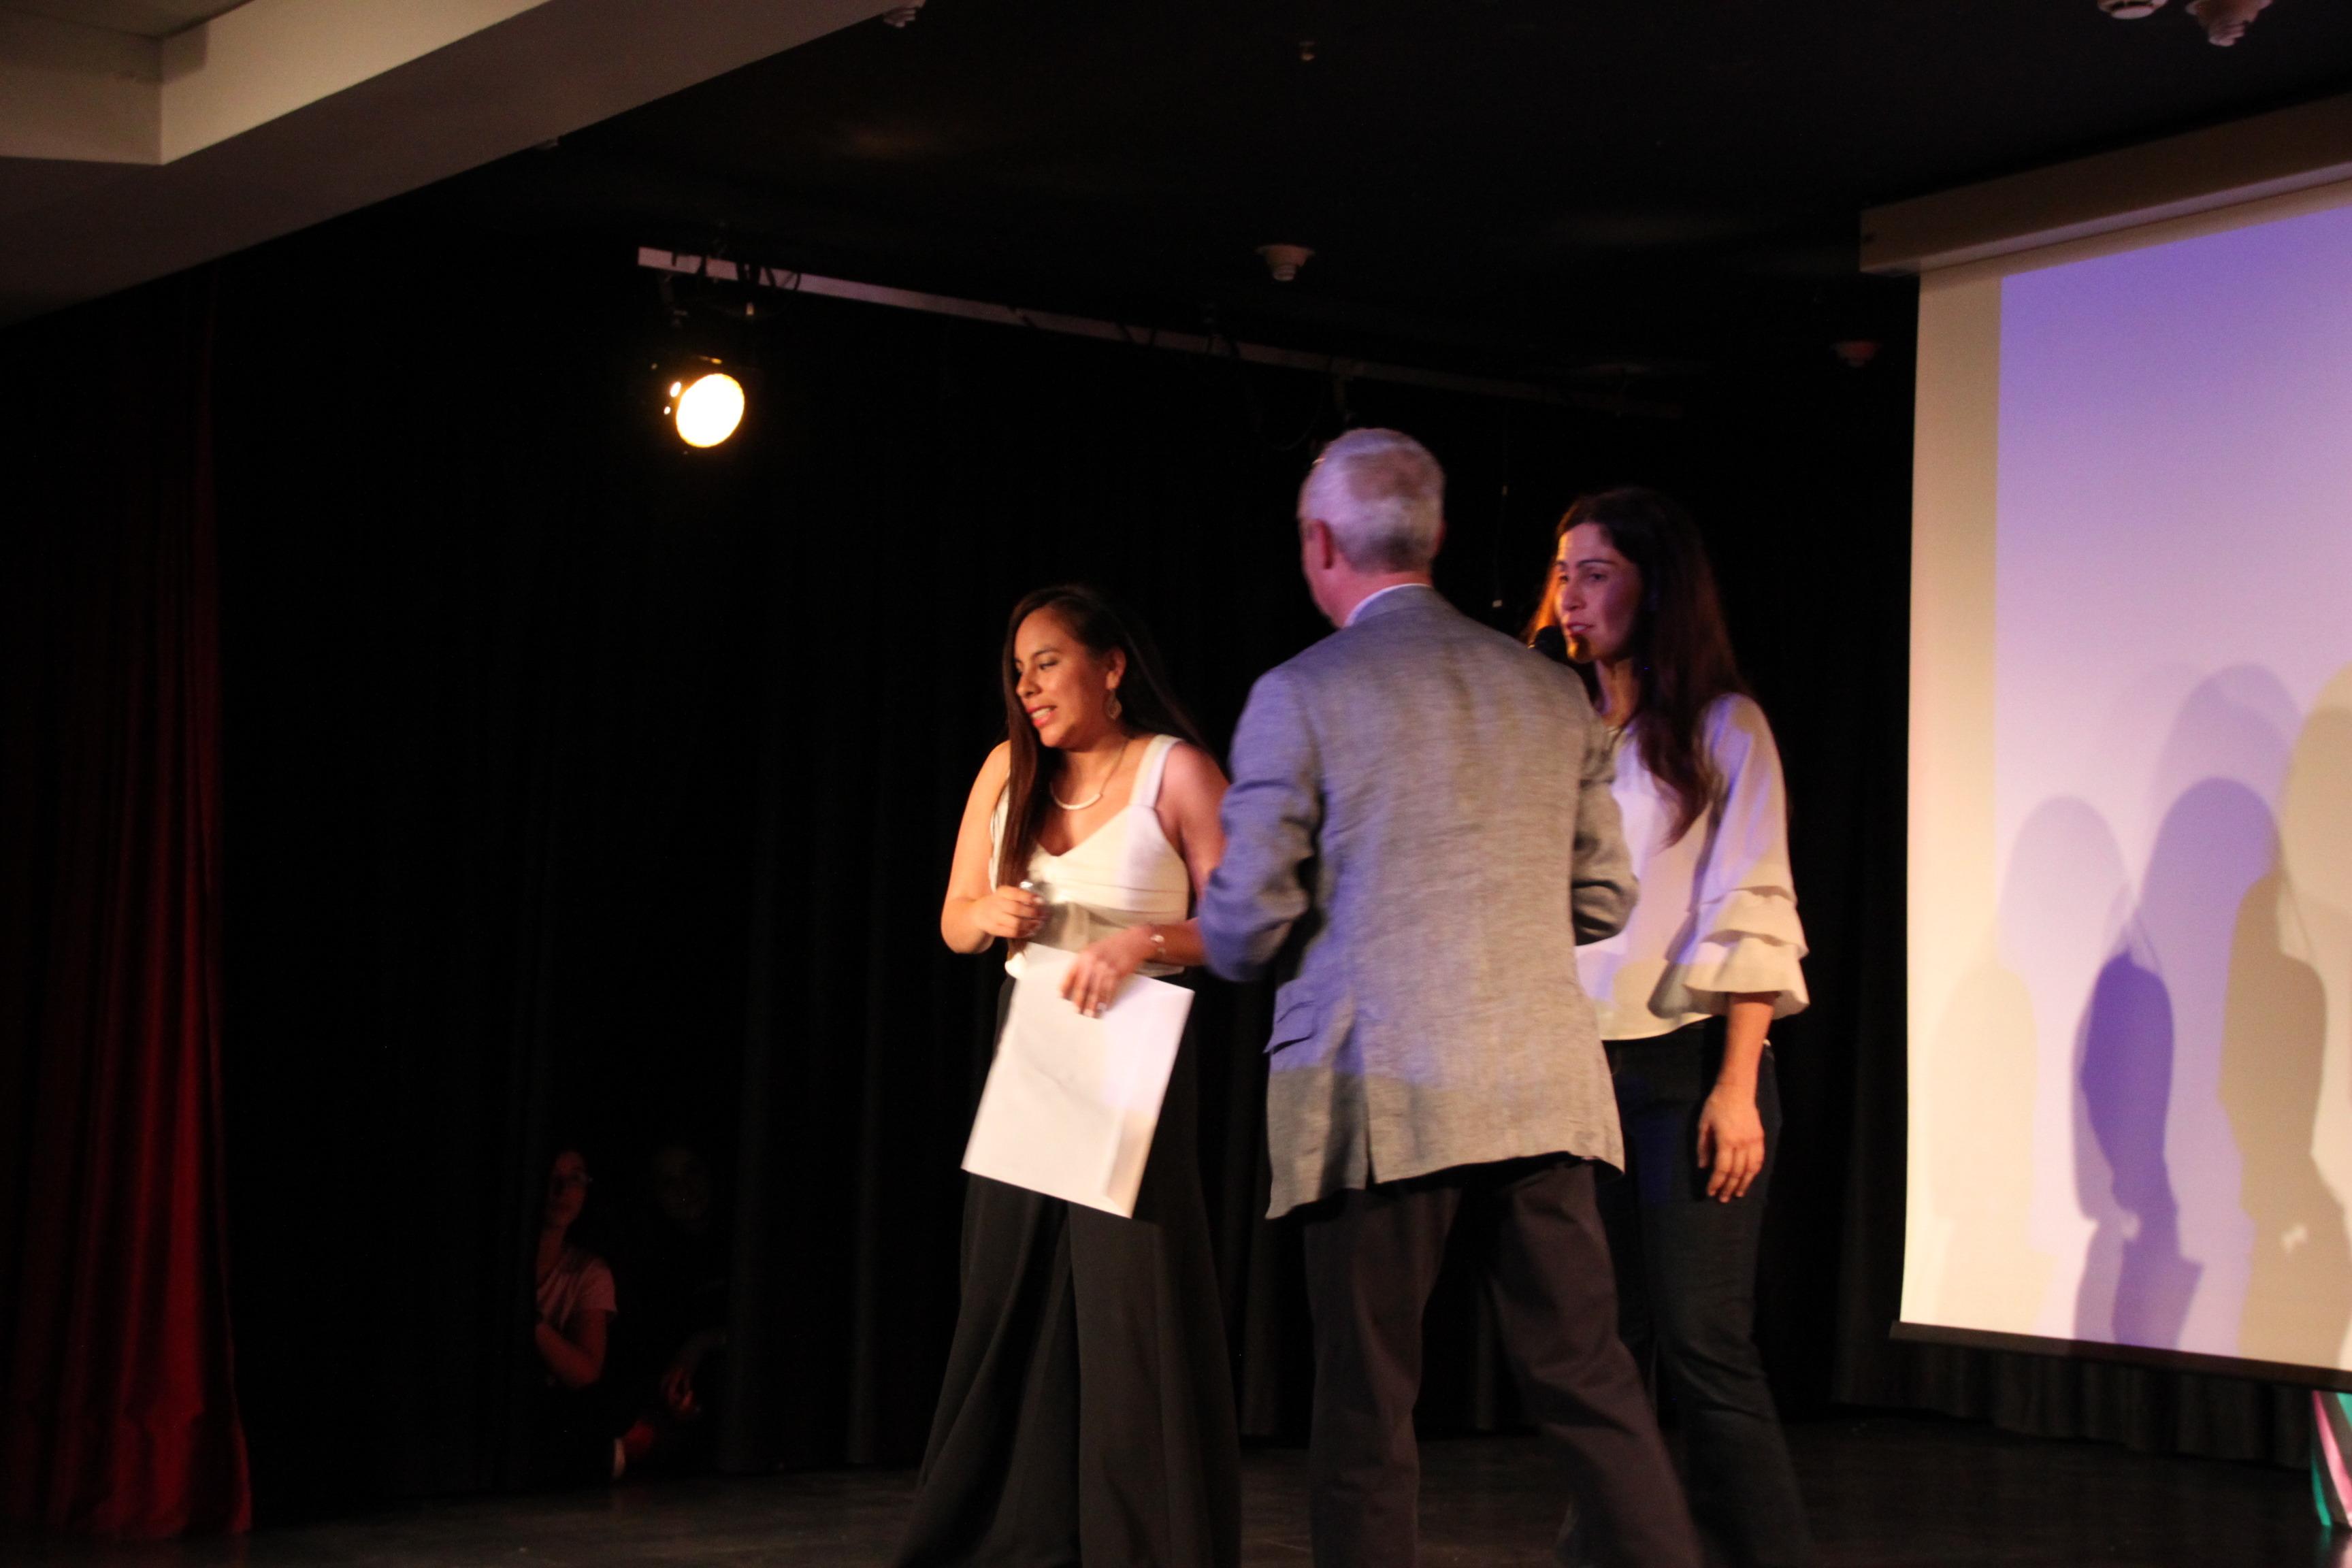 Graduación 2º bachillerato 2017-2018. IES María de Molina (Madrid) (2/2) 43